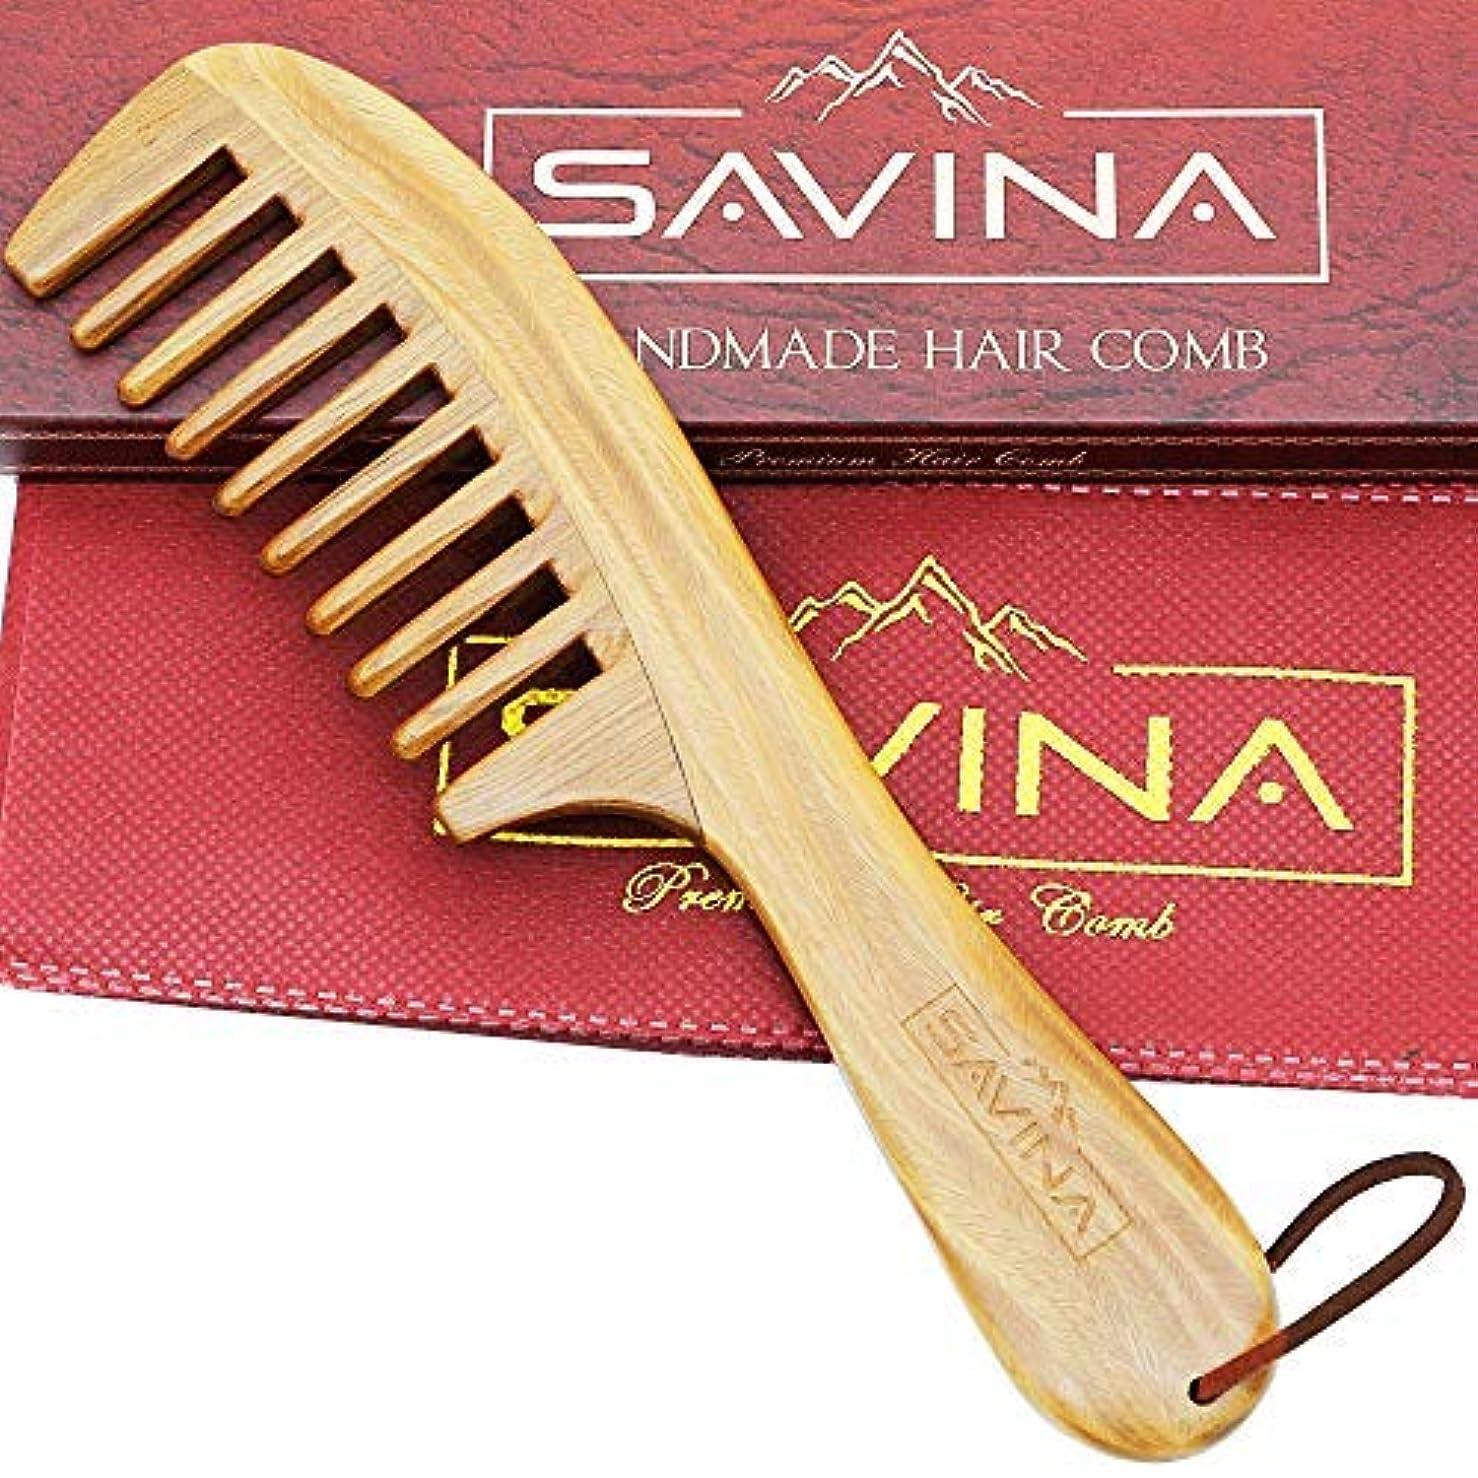 子猫ボウル石油Wooden Comb - 8.6 inch Wide Tooth Wood Comb for Thick, Curly Hair by Savina - Anti Static, Reduces Breakage &...